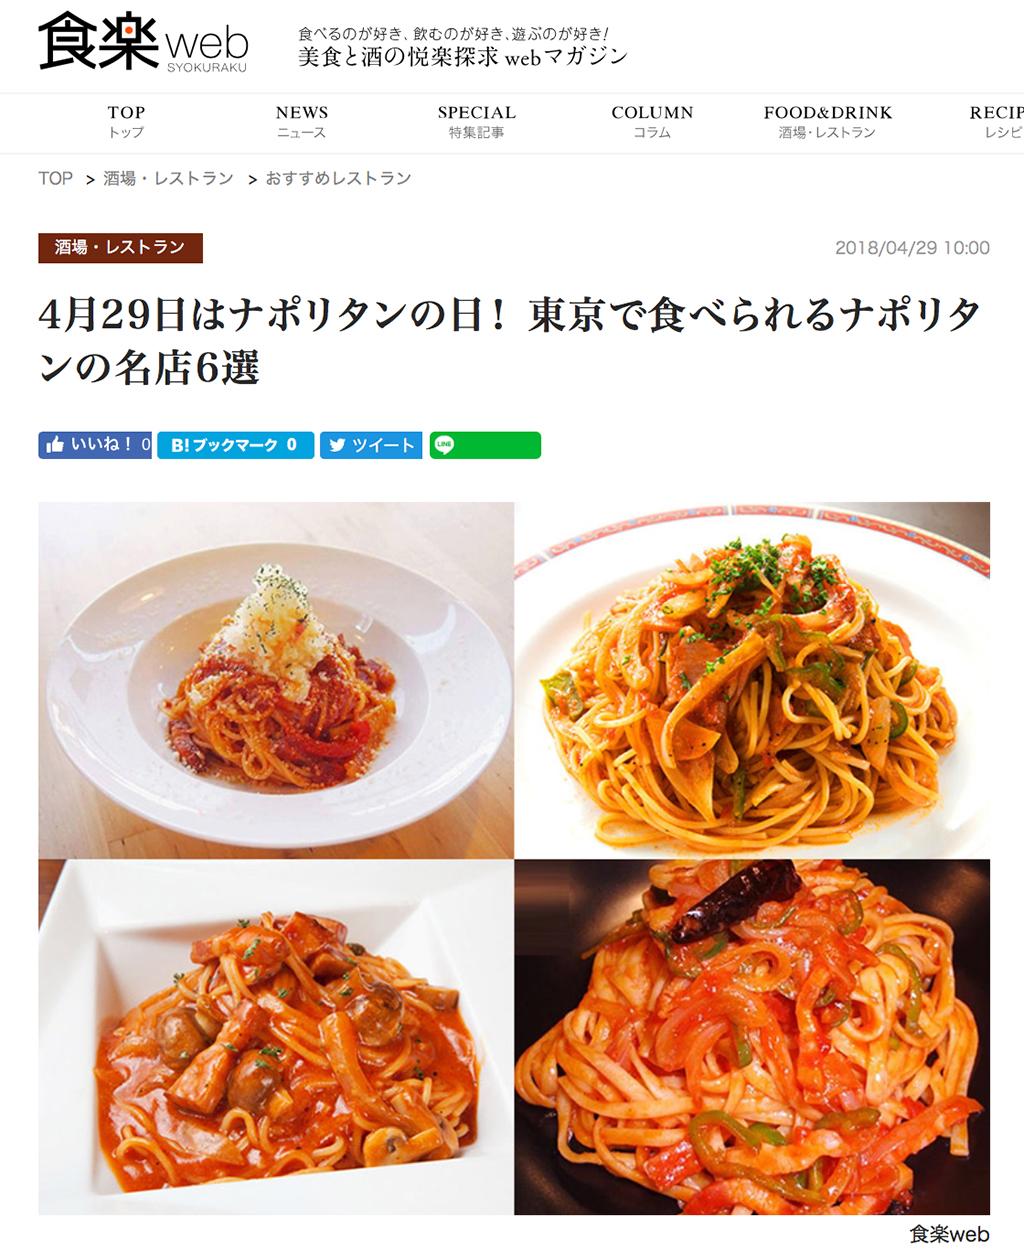 『食楽web』に、東京で食べられるナポリタンの名店6選でflaxが紹介されています!